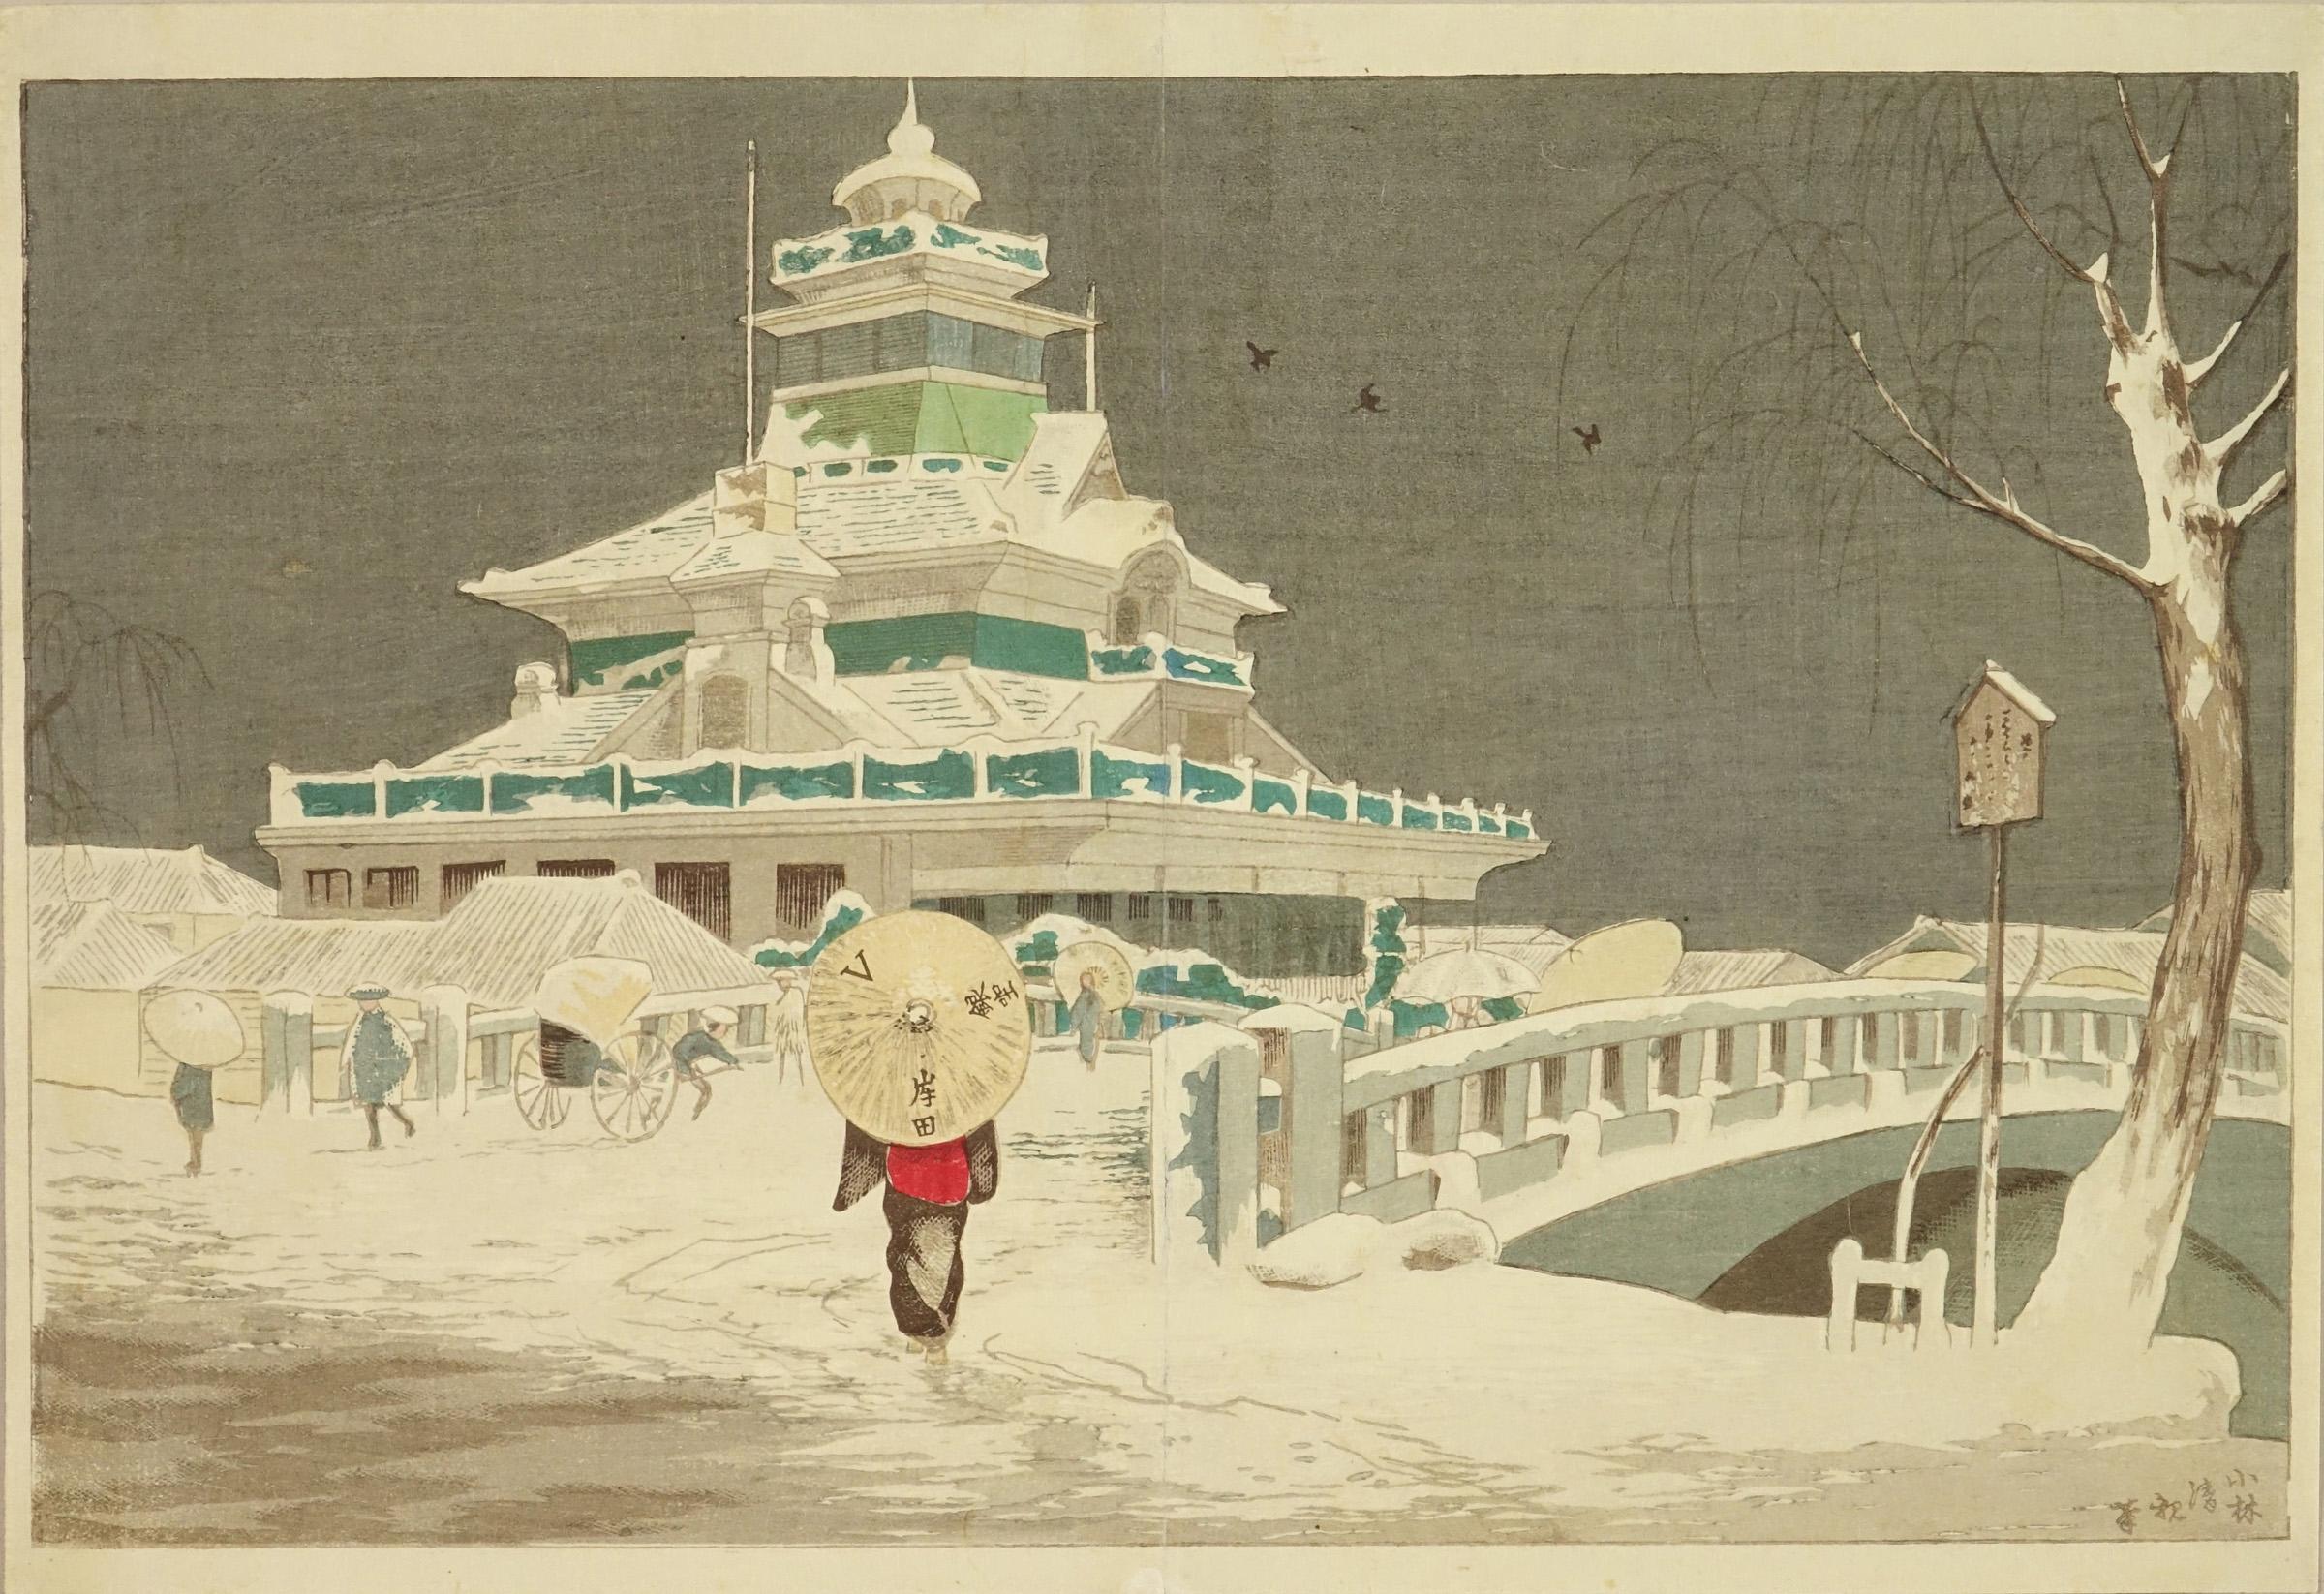 清親 東京名所 海運橋 (第一国立銀行雪中)